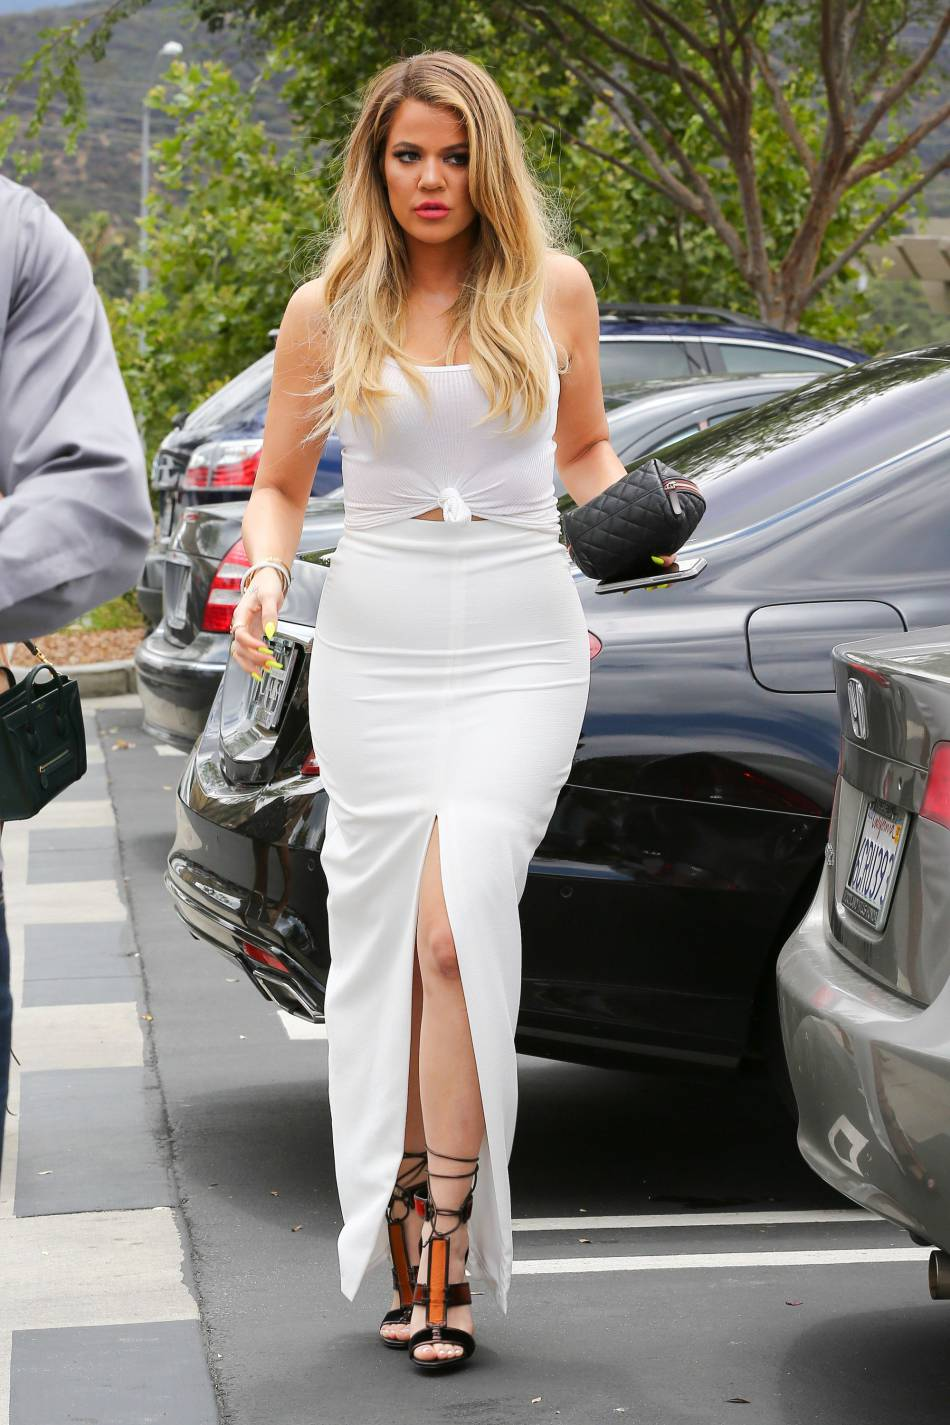 Khloe Kardashian, toujours moulée dans ses vêtements, elle se veut un peu plus sexy chaque jour.